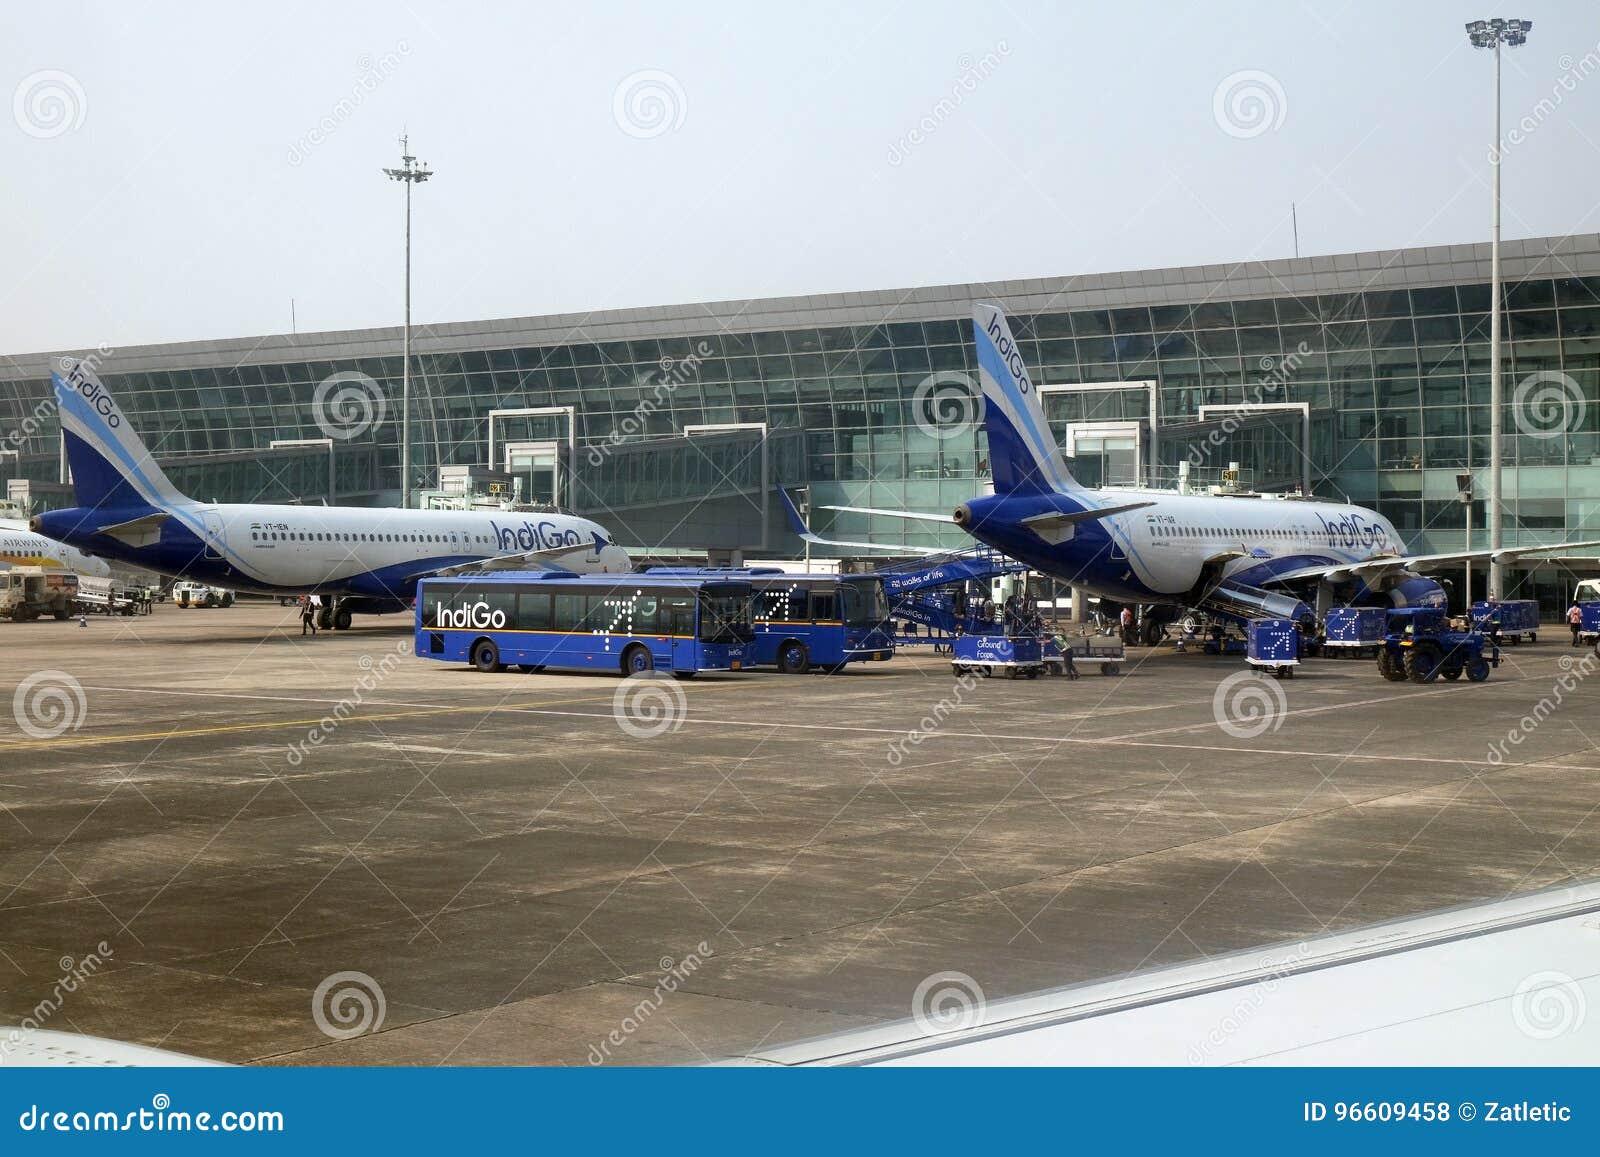 Airbus A Operated By Indigo At Kolkata International Airport